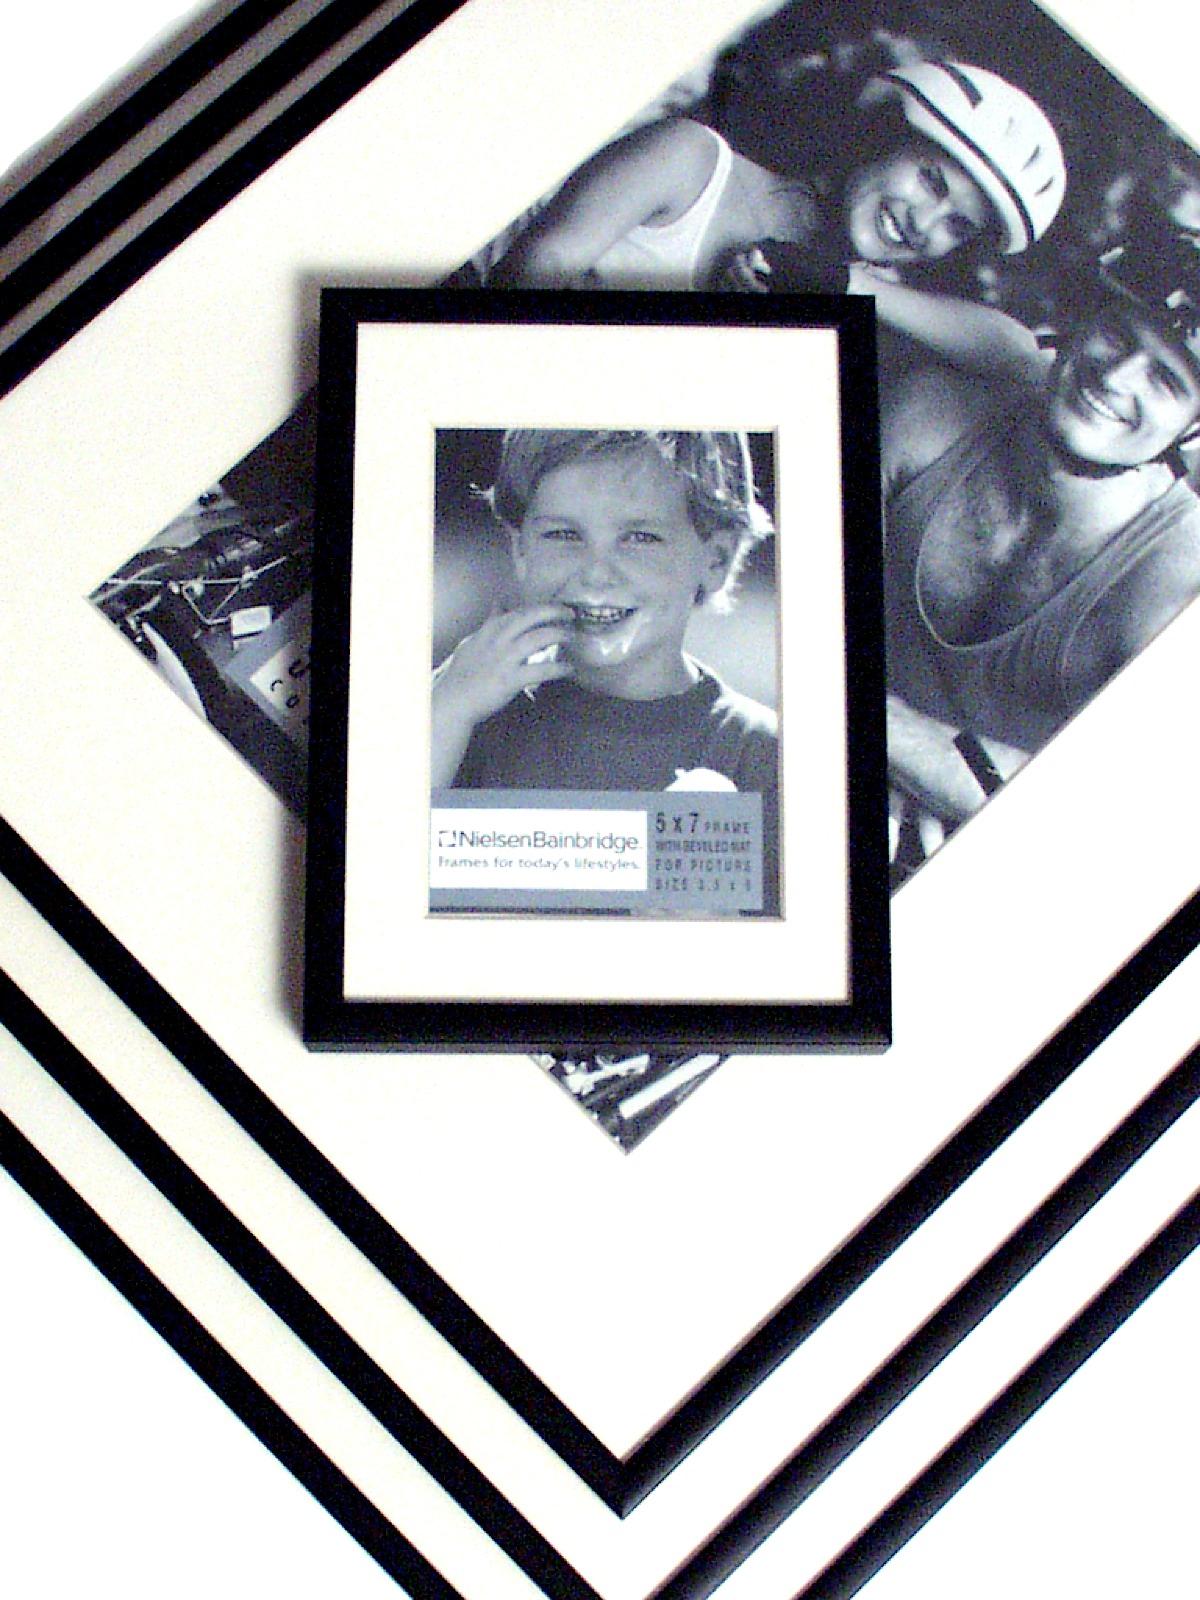 Nielsen Bainbridge Studio Collection Metal Frames